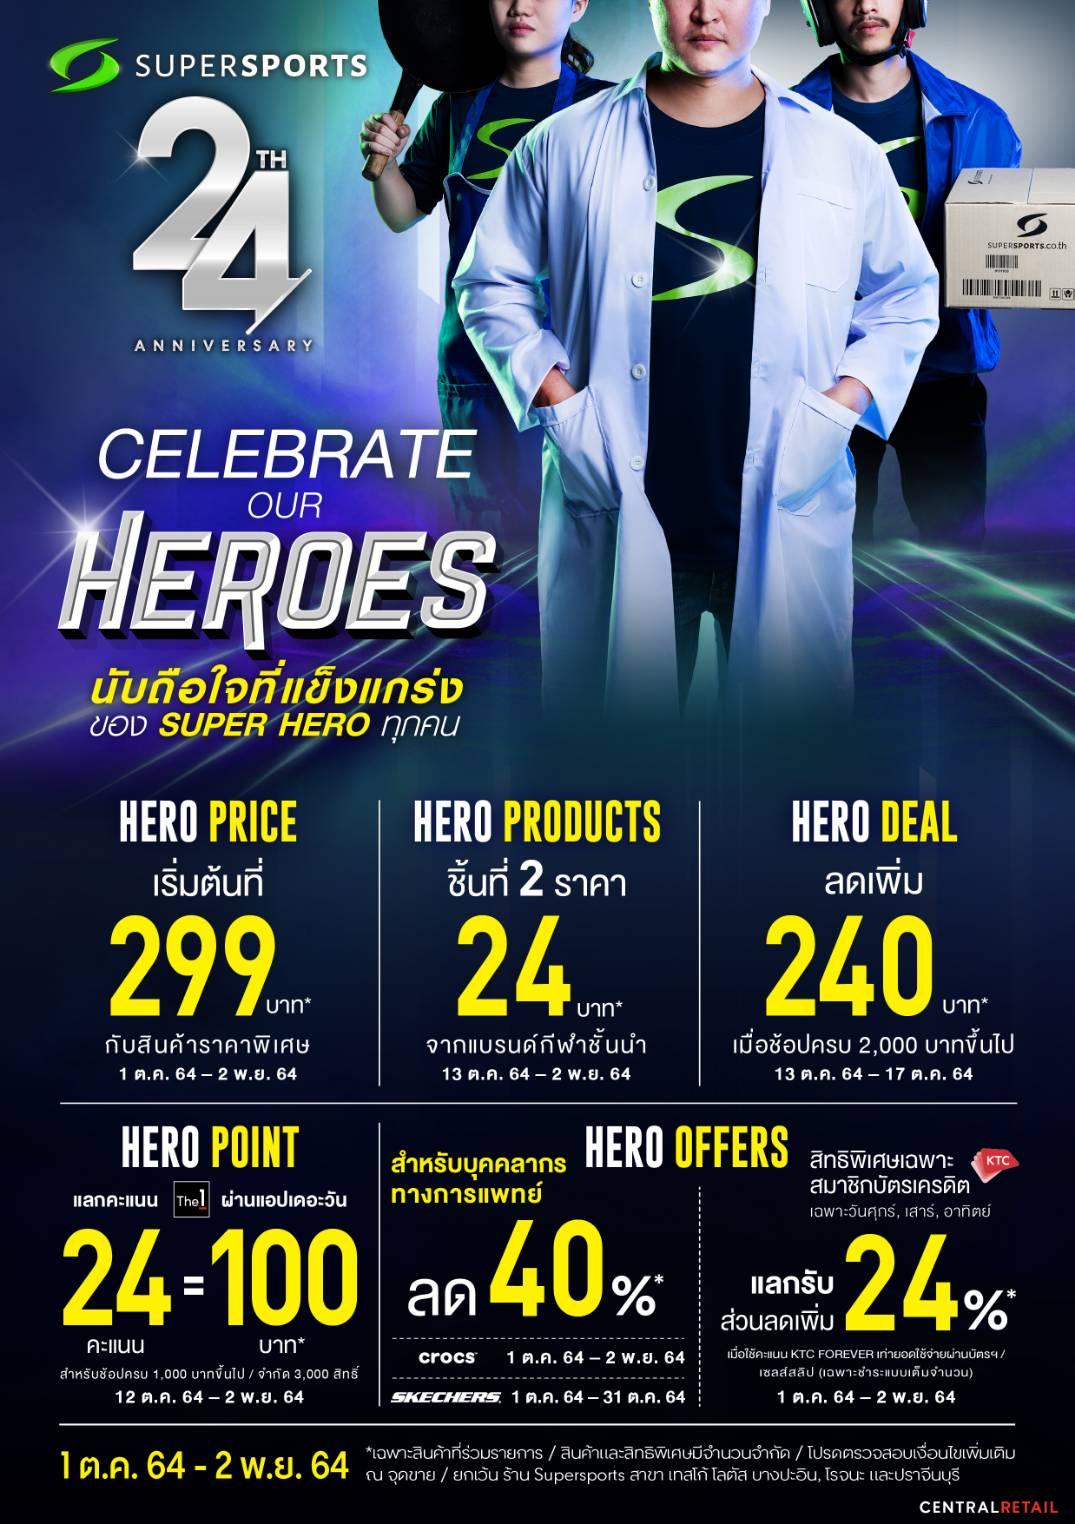 ซูเปอร์สปอร์ต ส่งแคมเปญ Celebrate Our Heroes ให้กำลังใจทุกคนสู้! โปรโมชั่นใหญ่ฉลองครบ 24 ปี ผลักดันยอดขายทั้งหน้าร้านและออนไลน์ พร้อมสนับสนุนให้ฮีโร่ทุกคนมีร่างกายแข็งแรงและหัวใจแข็งแกร่งพร้อมรับทุกสถานการณ์